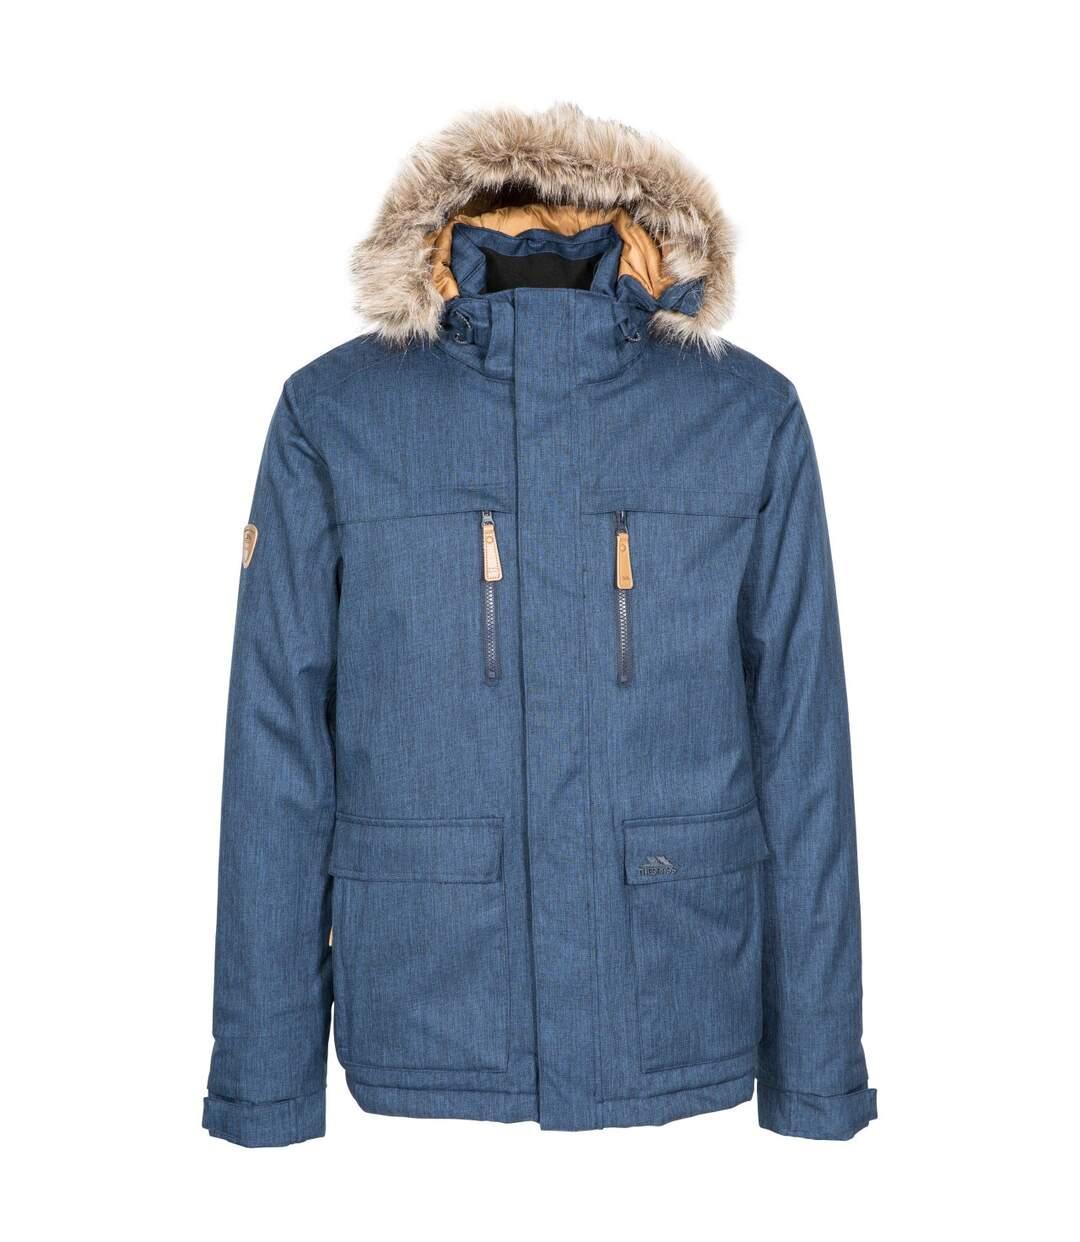 Trespass Mens King Peak Waterproof Jacket (Navy) - UTTP4357